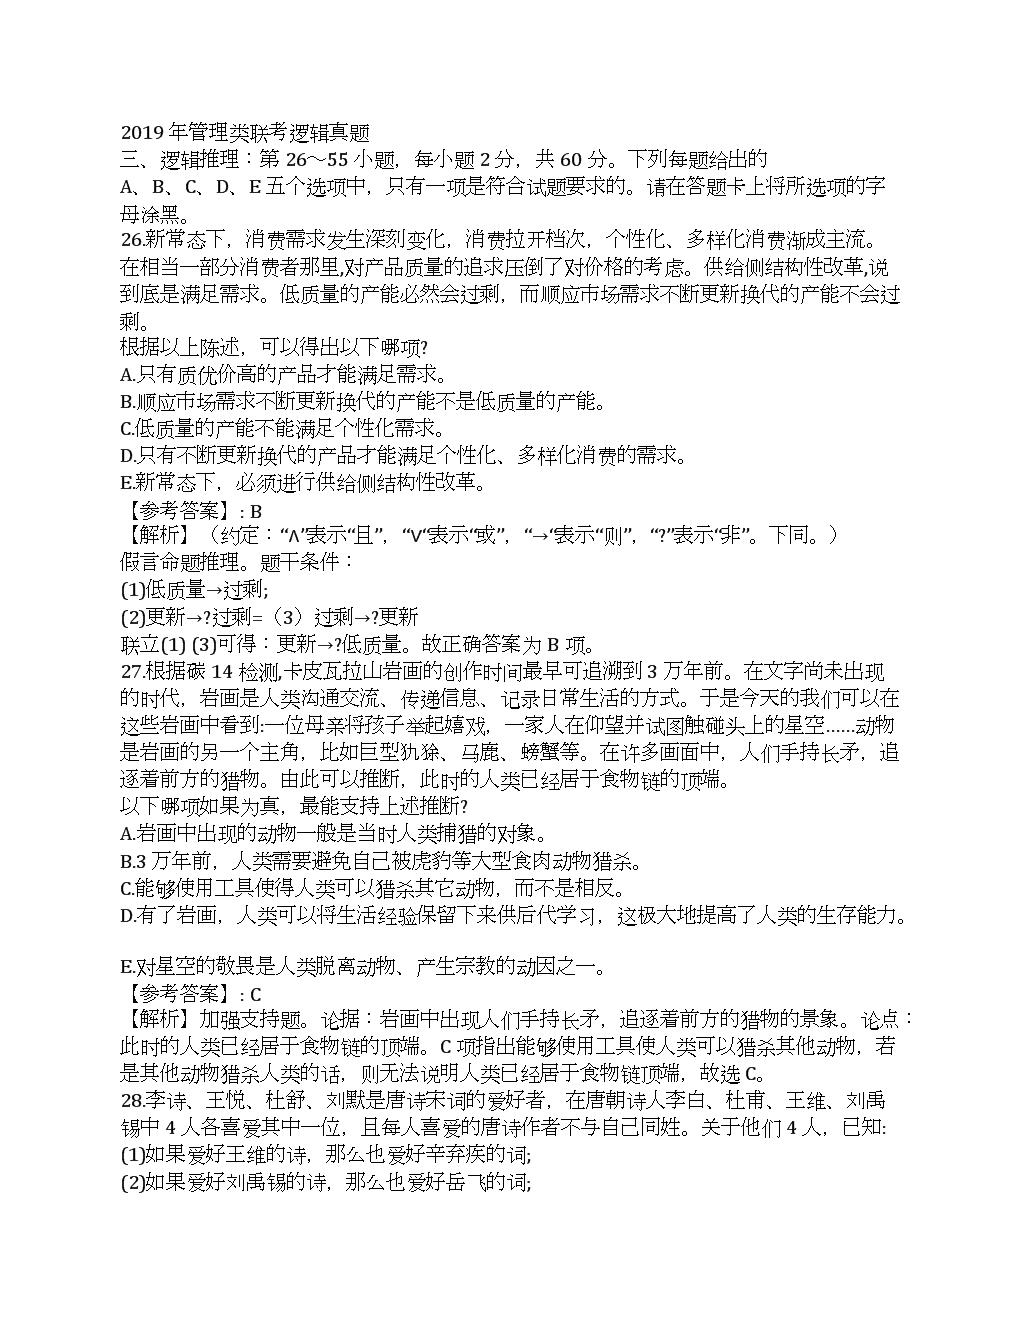 2019年管理類聯考邏輯真題及答案解析.docx